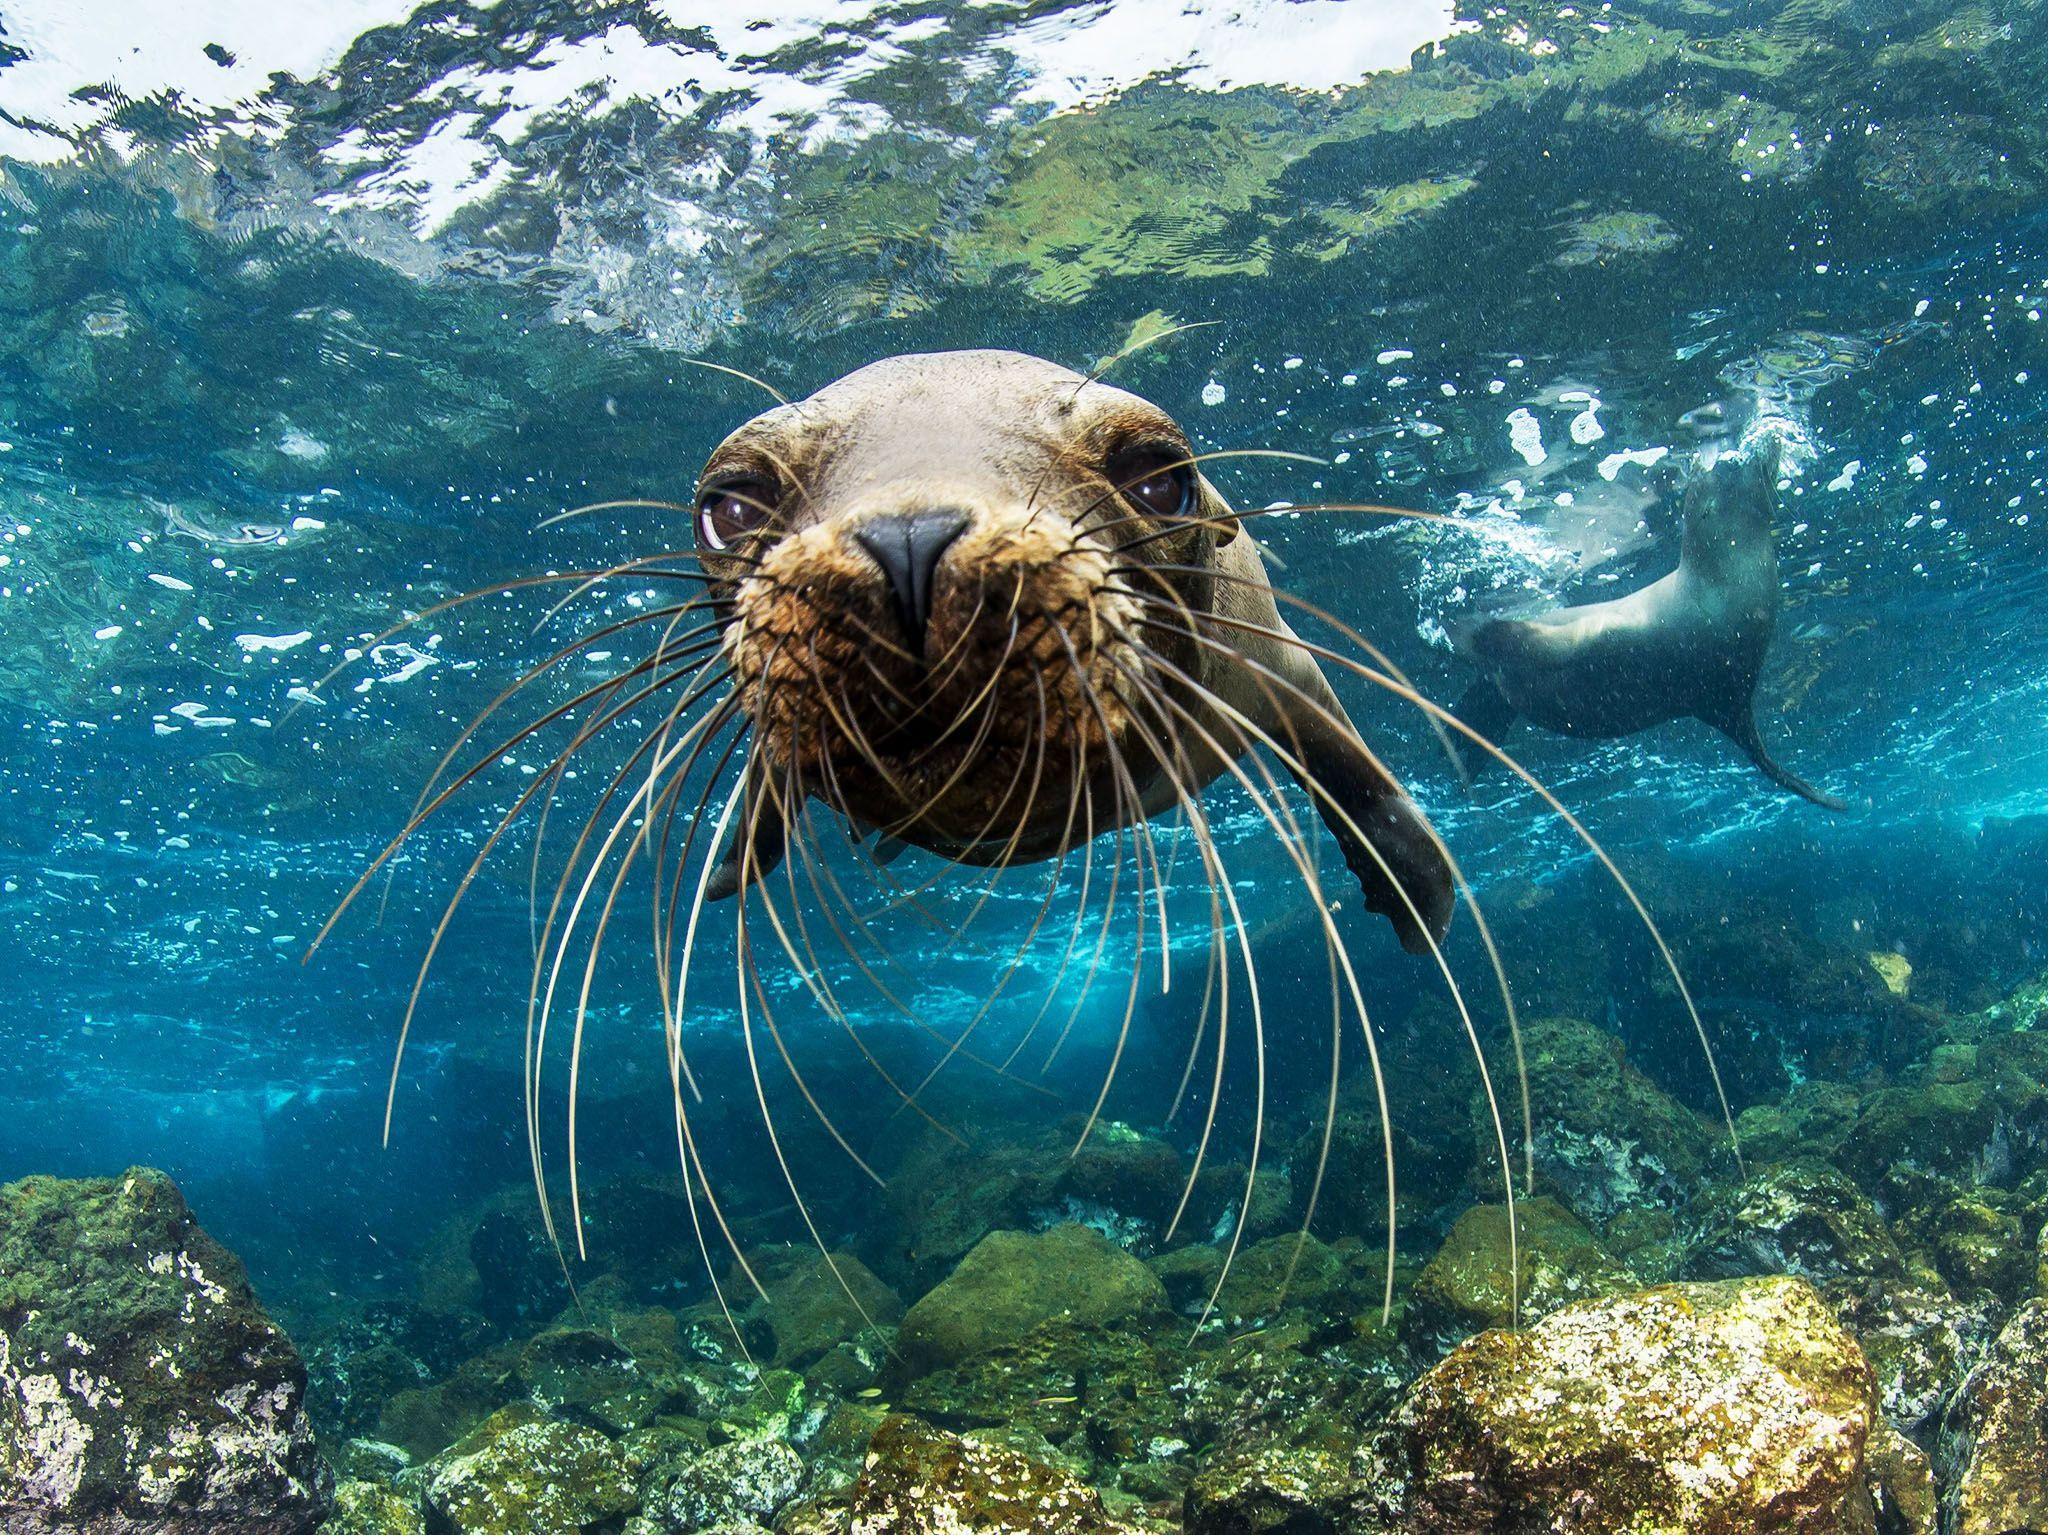 صغير أسد البحر في جزر الغالاباغوس يتفحص كاميرا إنريك... [Photo of the day - يناير 2017]